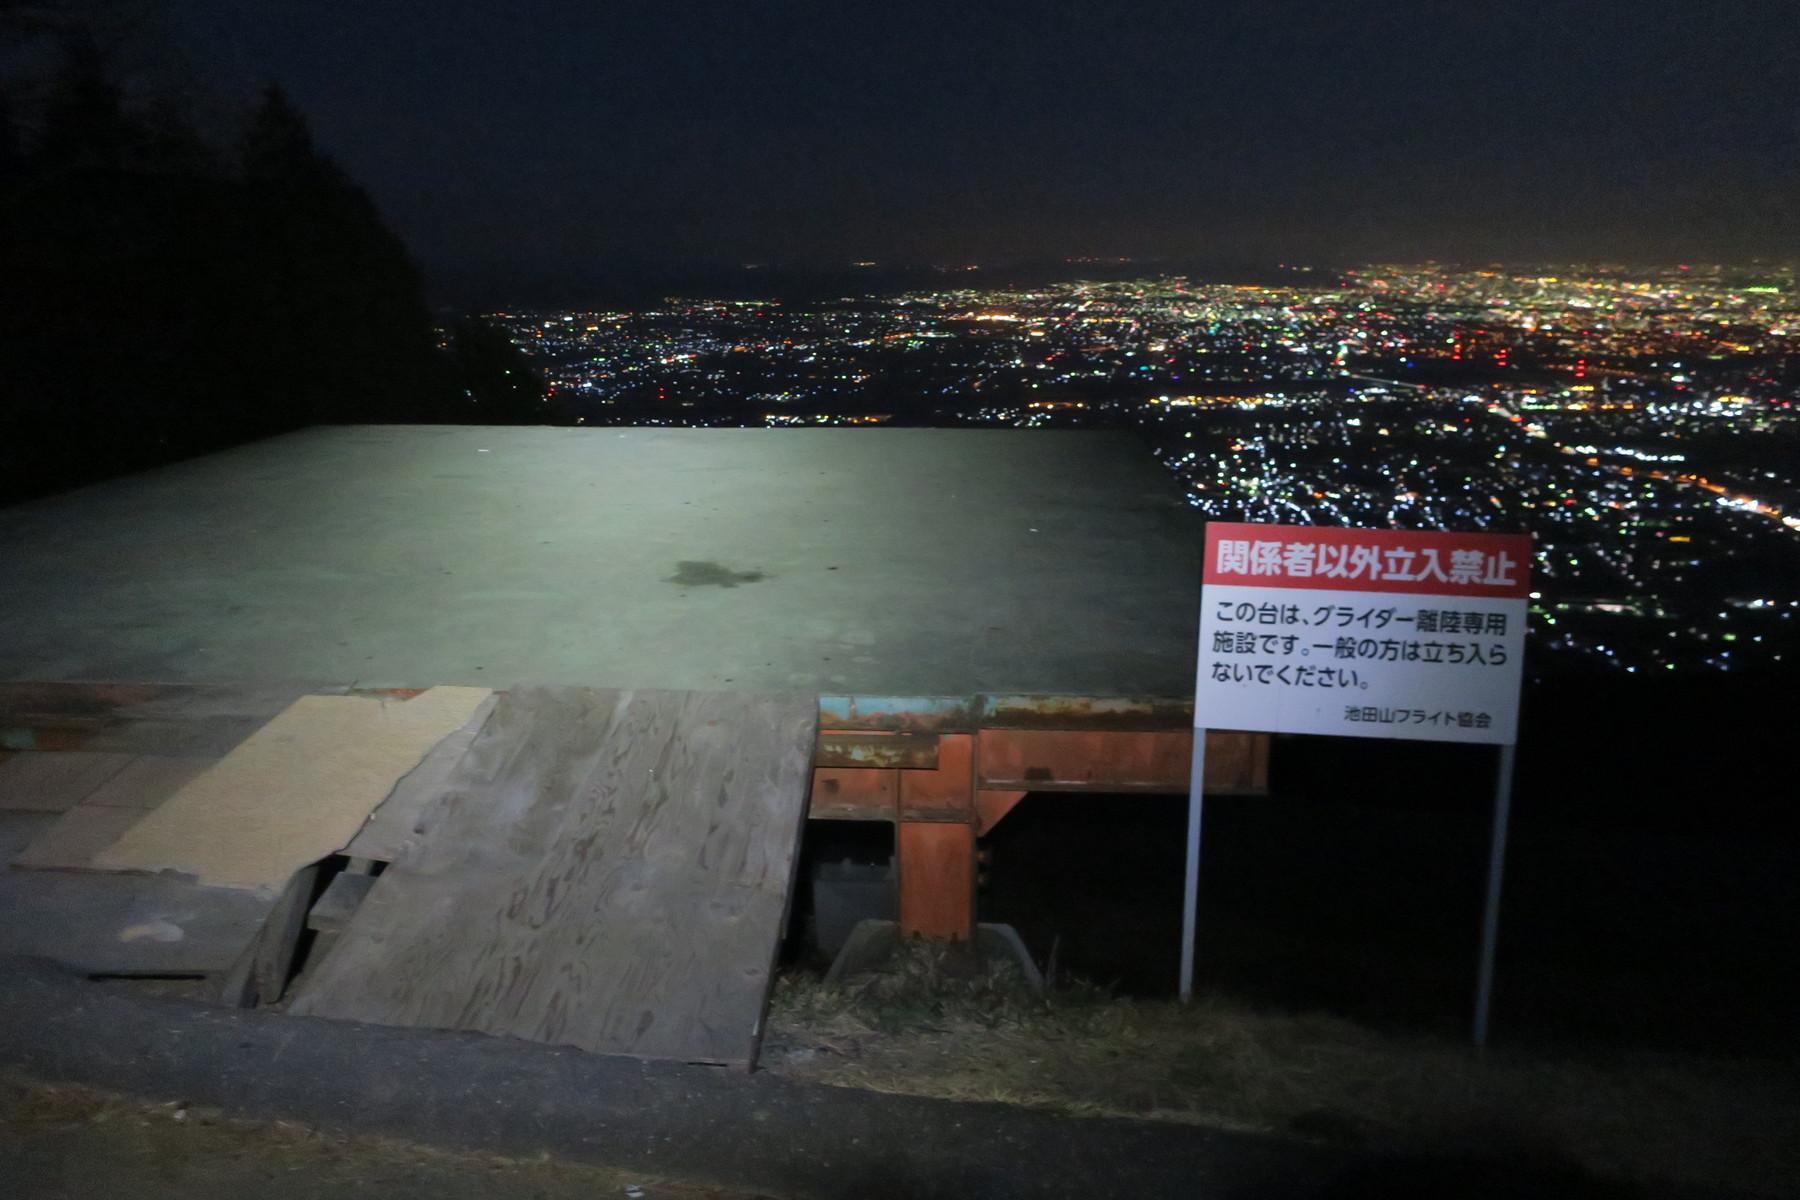 展望 台 山 池田